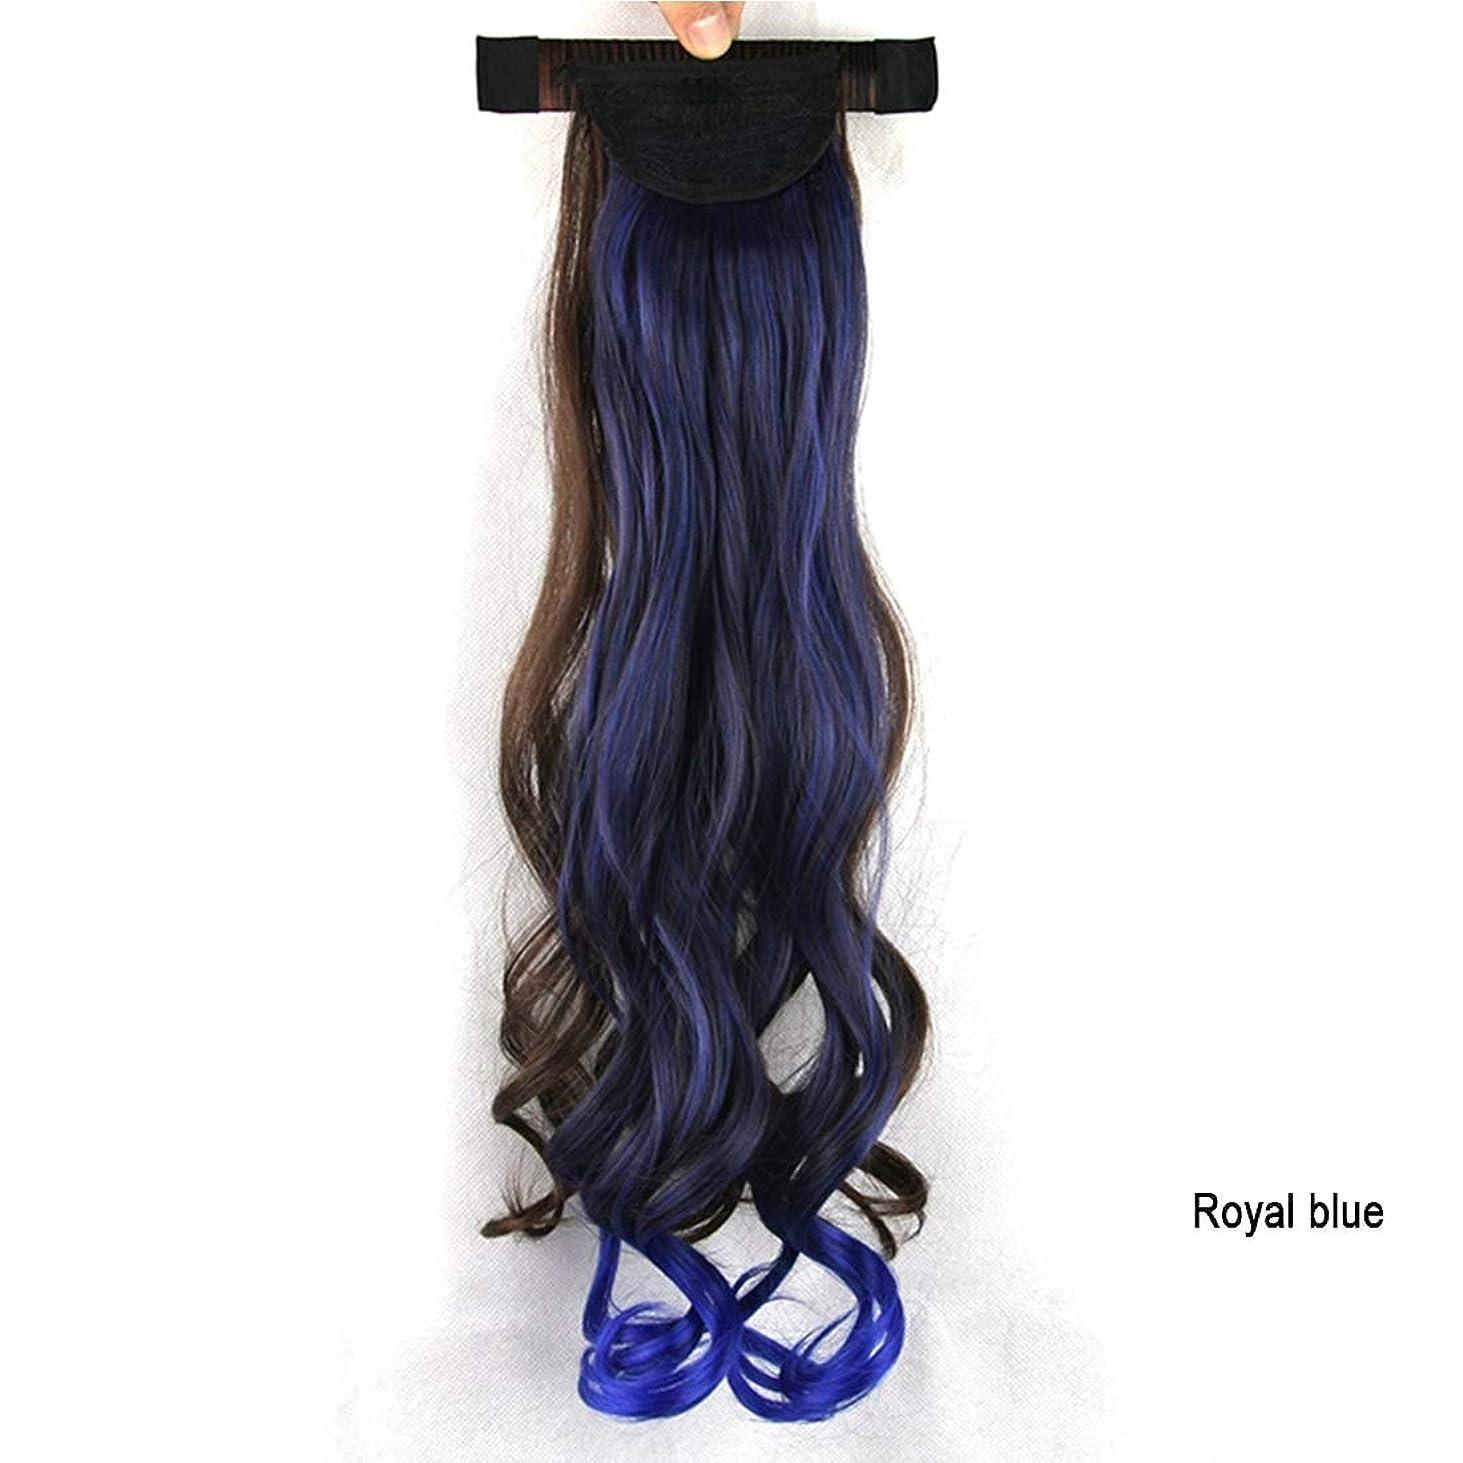 保守可能山岳石膏Shrapnel Ponytail WigミックスカラーCurly Hair Ponytail Wig女の子のためのヨーロッパとアメリカの甘いポニーテール (Color : Royal blue)